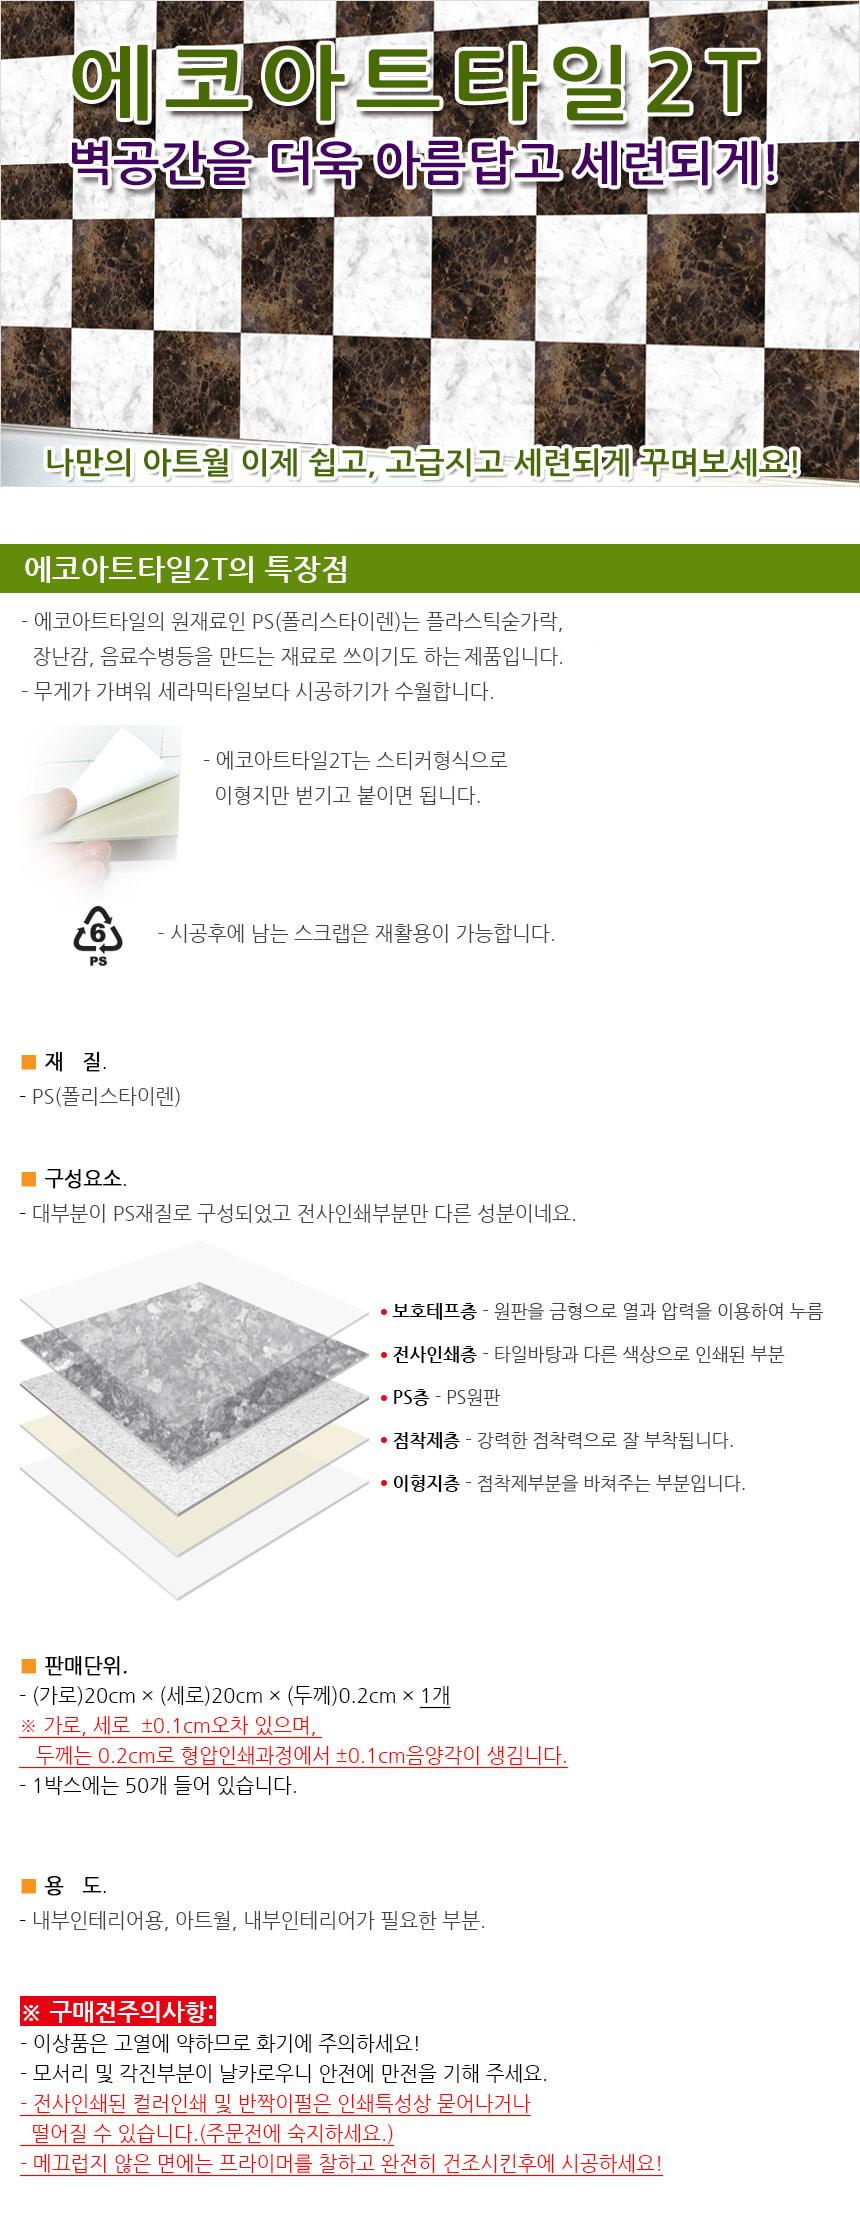 점착식 에코아트타일2T 솔리드블랙 유광 (AT-13) - 데코사랑, 2,170원, 장식/부자재, 벽장식